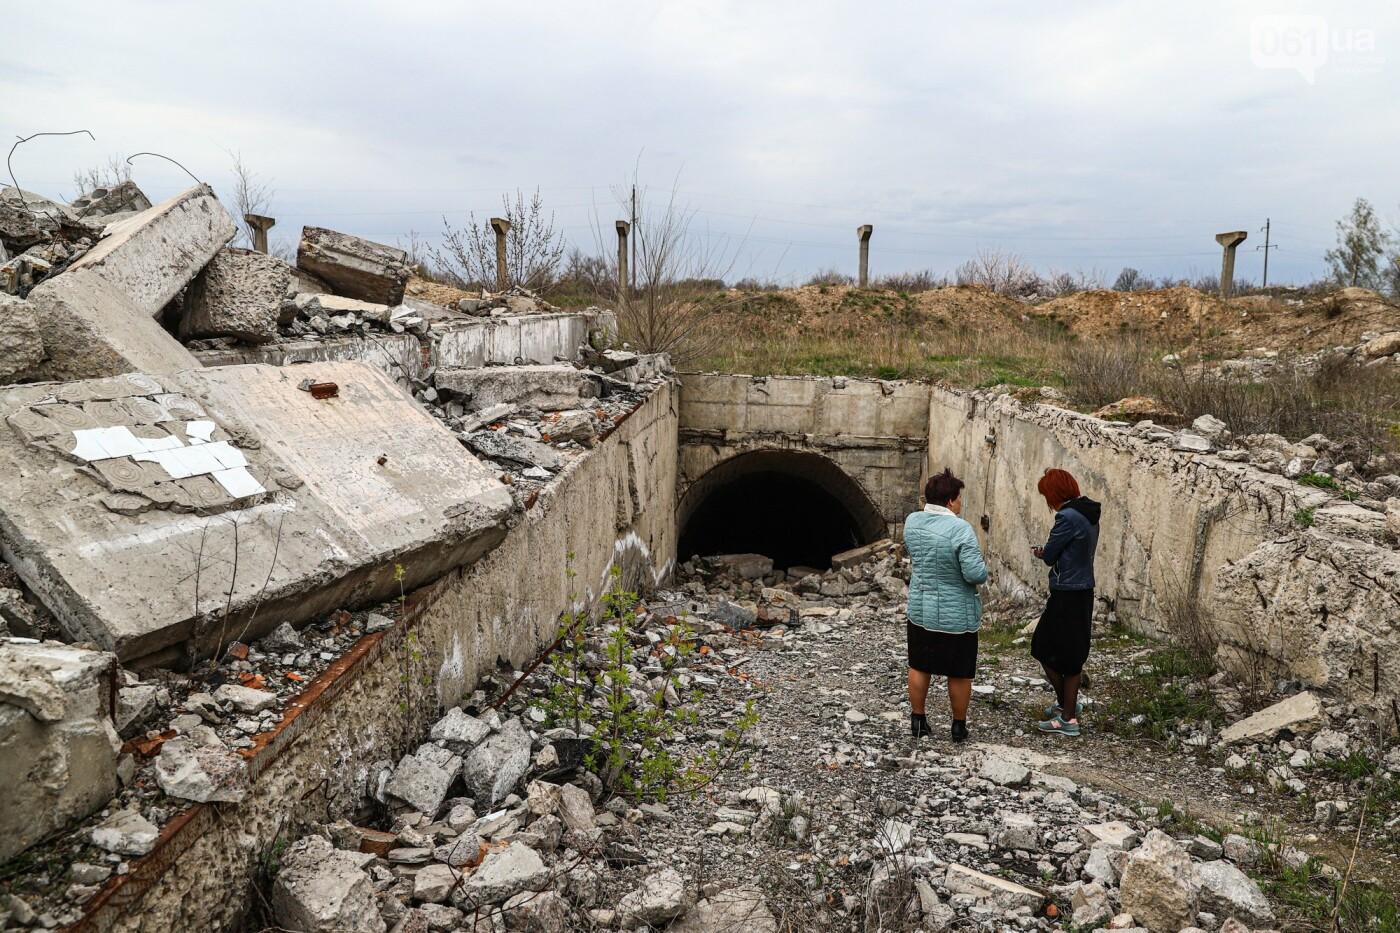 В Степногорске пытаются разобрать на металлолом шахту - промплощадка ГОКа превратилась в руины, - ФОТОРЕПОРТАЖ , фото-1